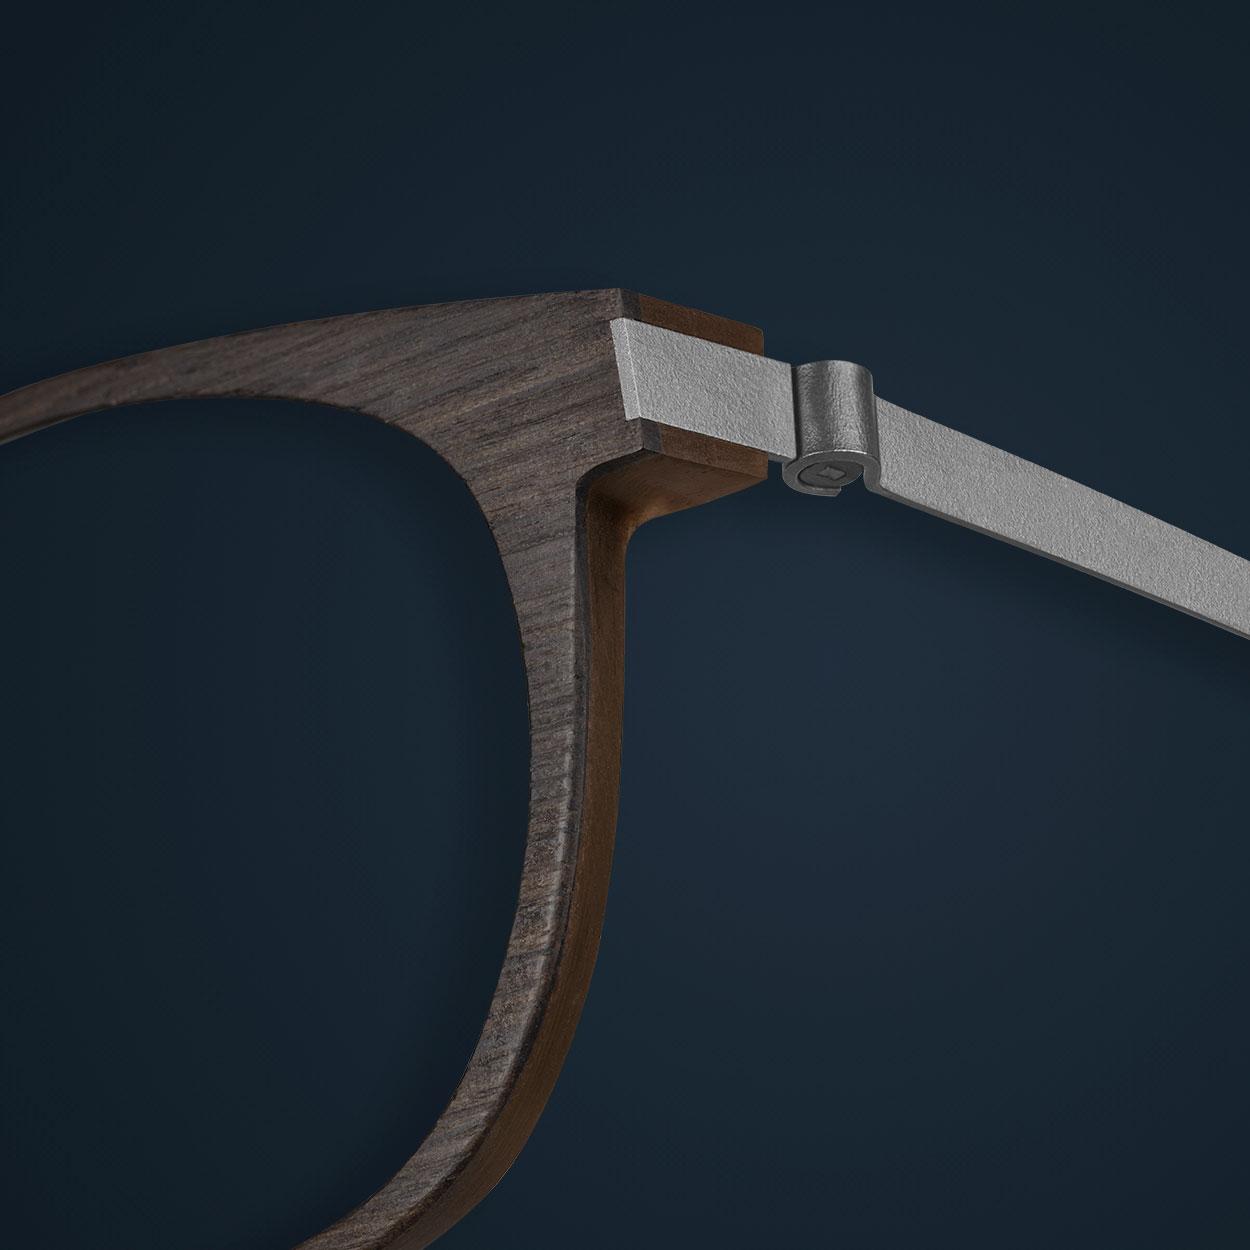 Dettaglio degli occhiali LINDBERG in legno di quercia fumè e corno marrone modello 2105